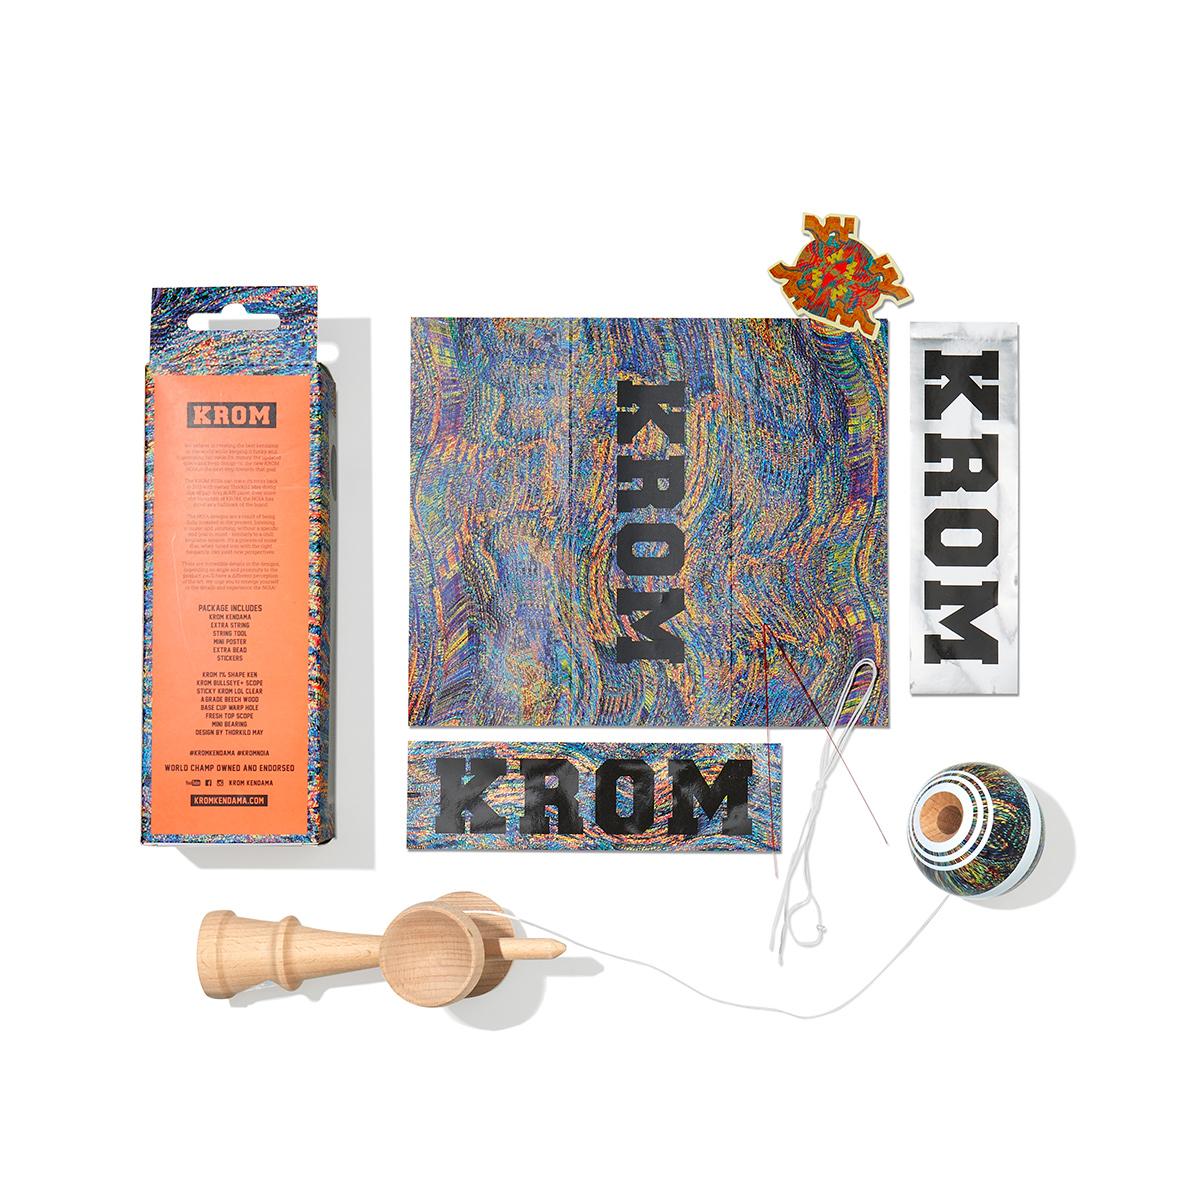 KROM - NOIA 5